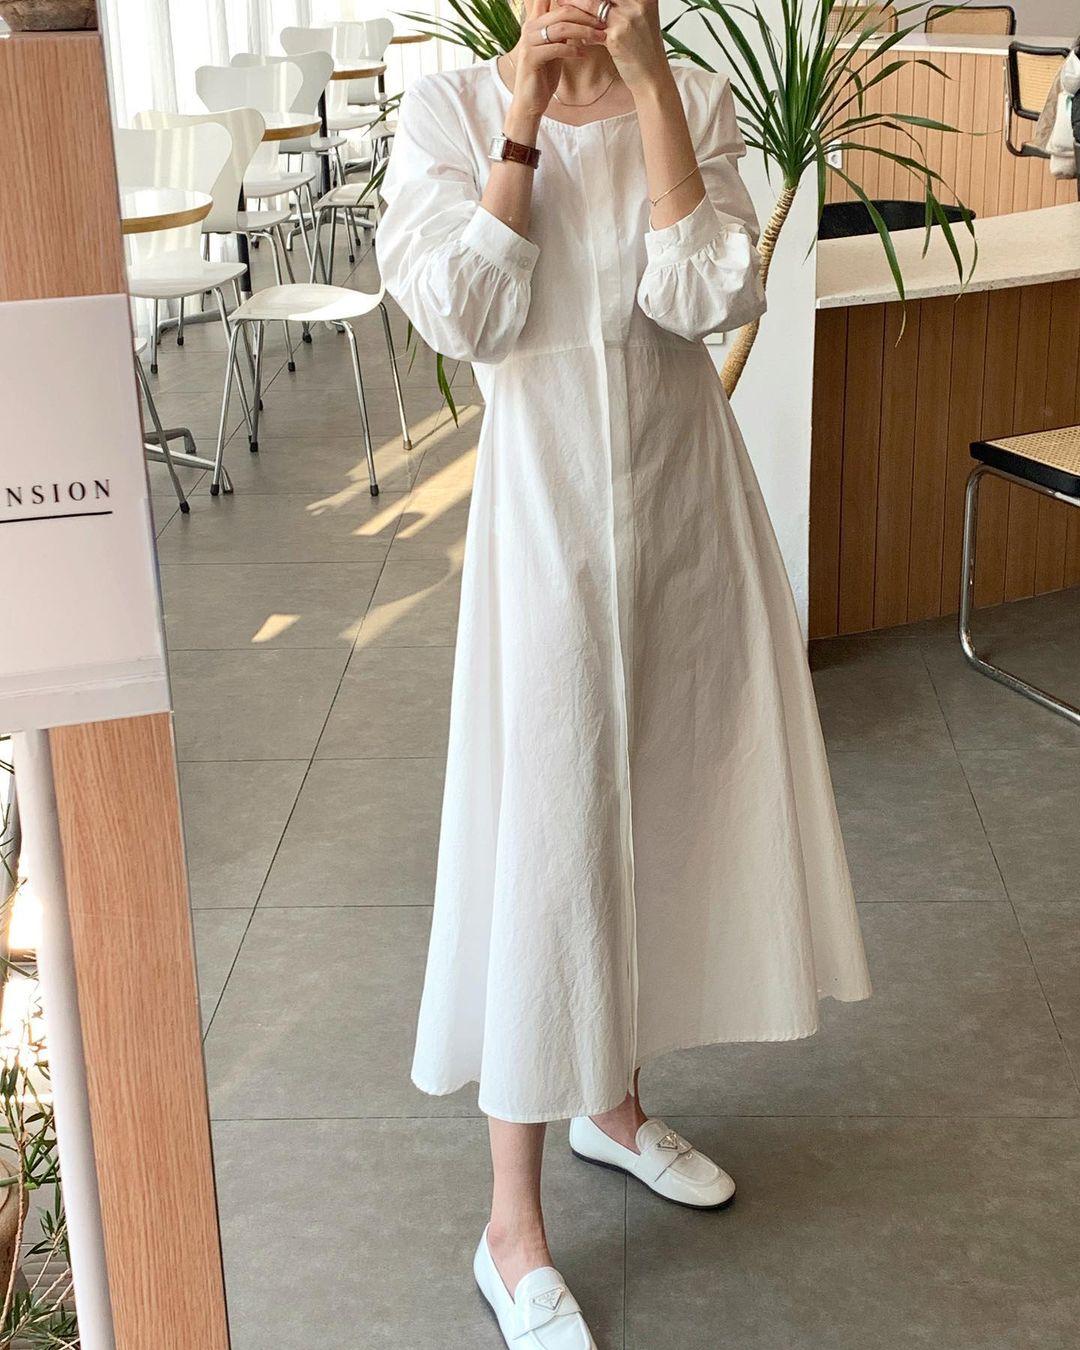 Hè đến là gái Hàn lại diện đủ kiểu váy trắng siêu trẻ xinh và tinh tế, xem mà muốn sắm cả 'lố' về nhà - Ảnh 11